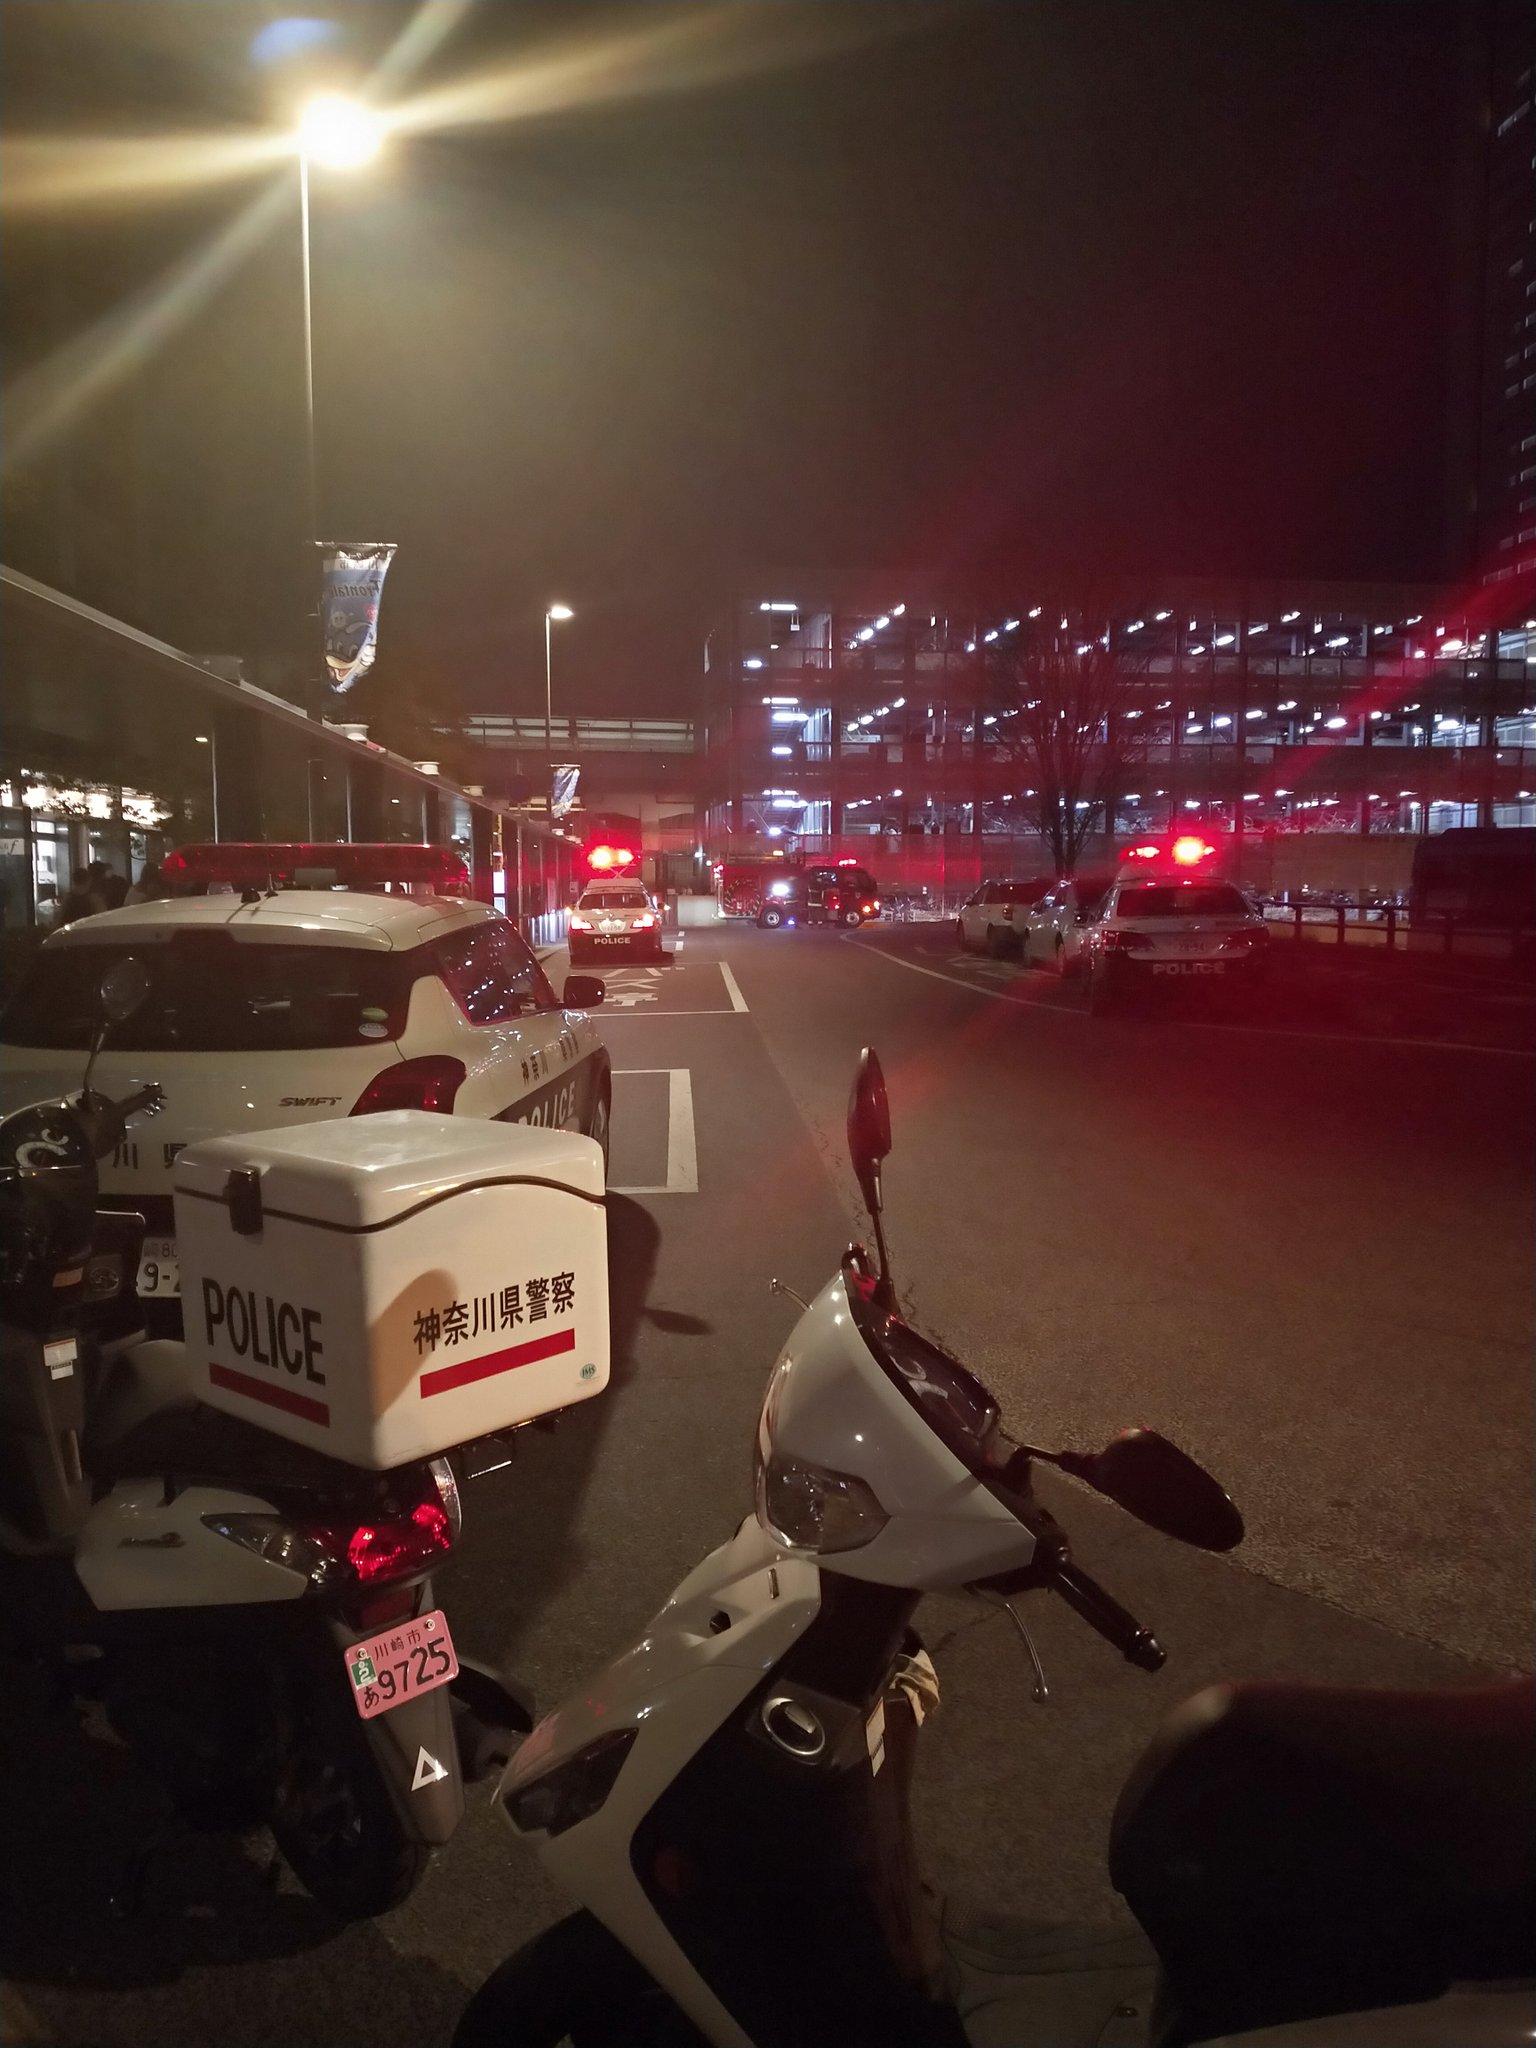 武蔵小杉駅で人身事故が起きた現場の画像